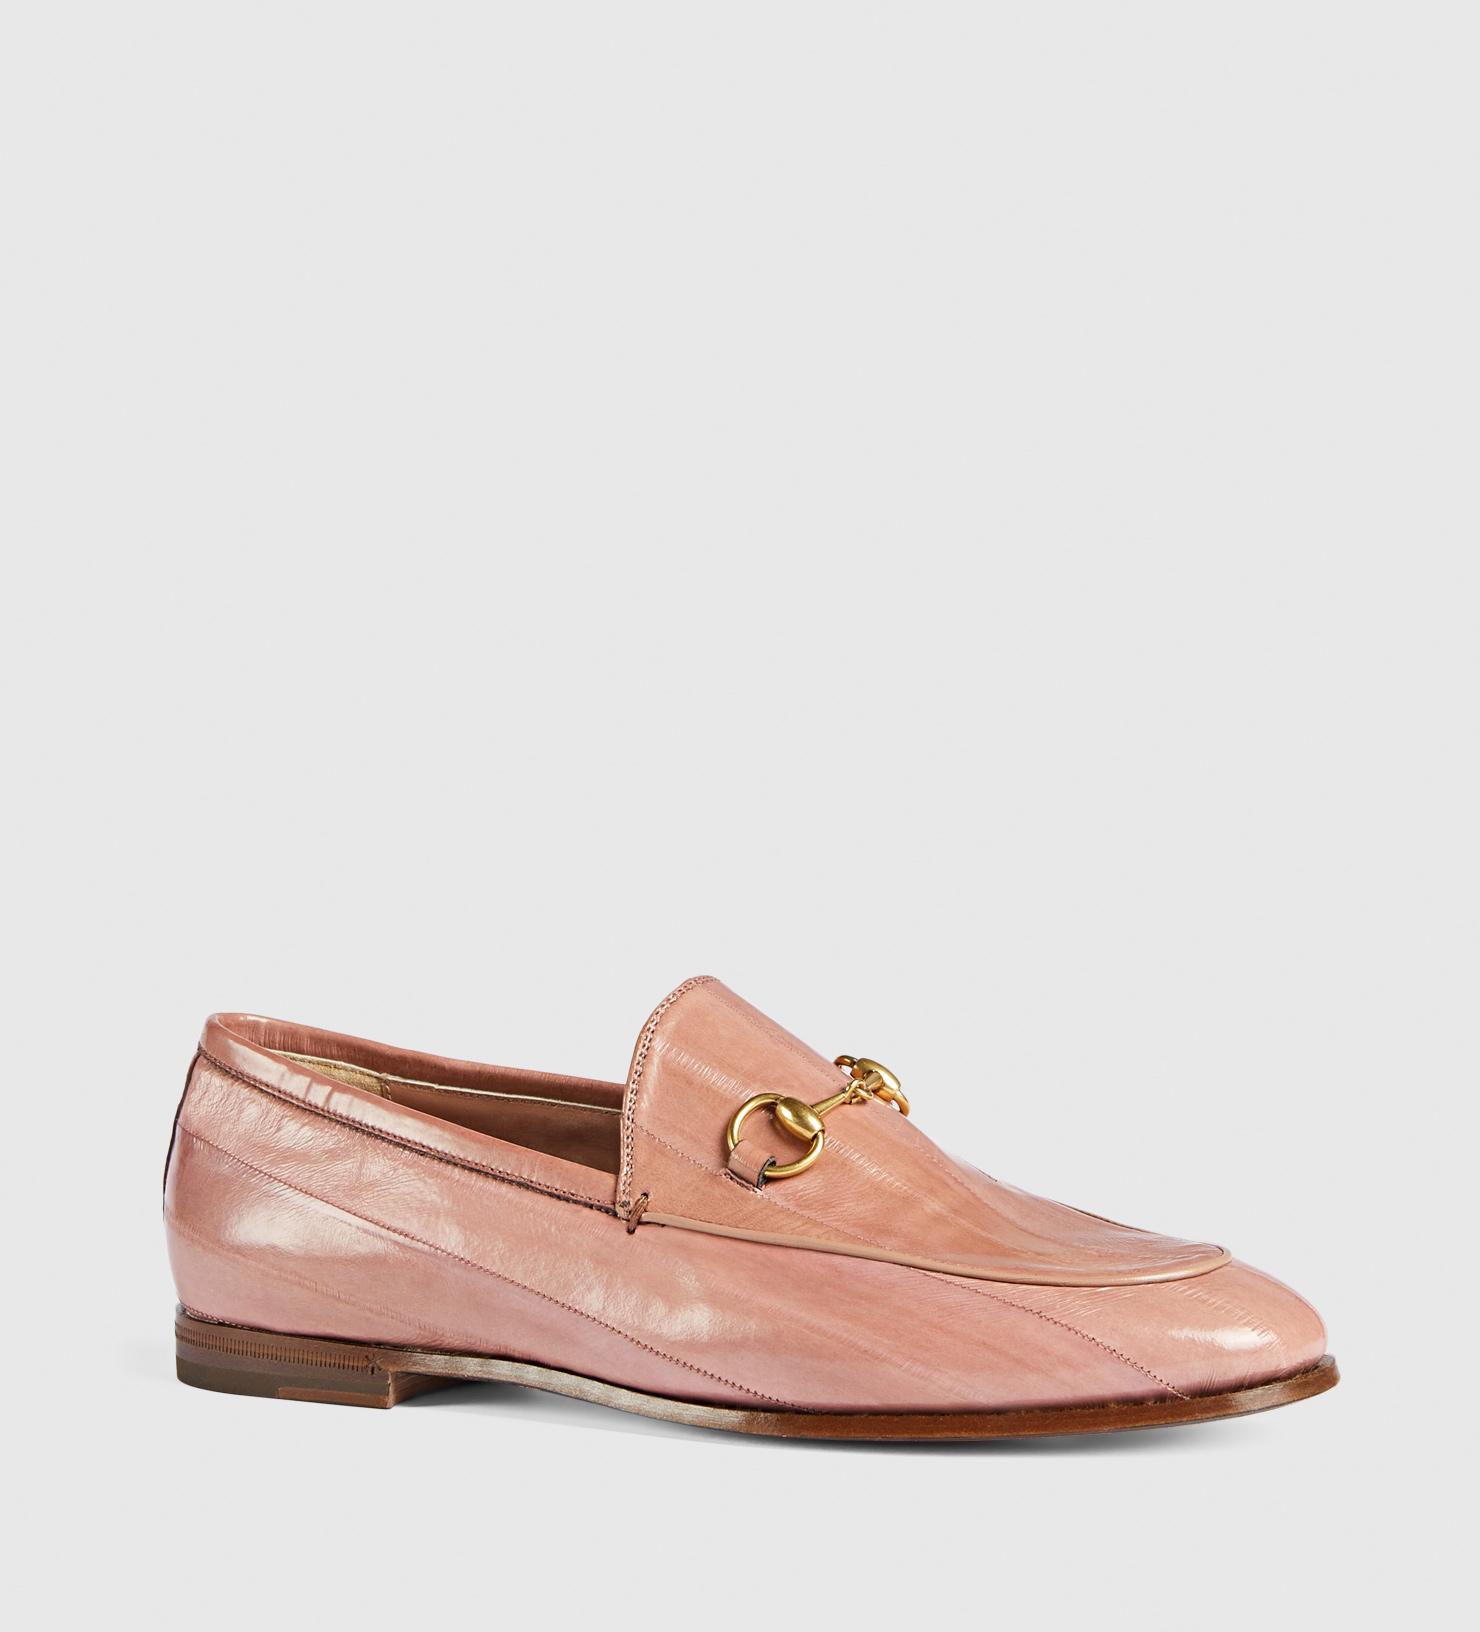 Lyst - Gucci Jordaan Eel Loafer in Pink